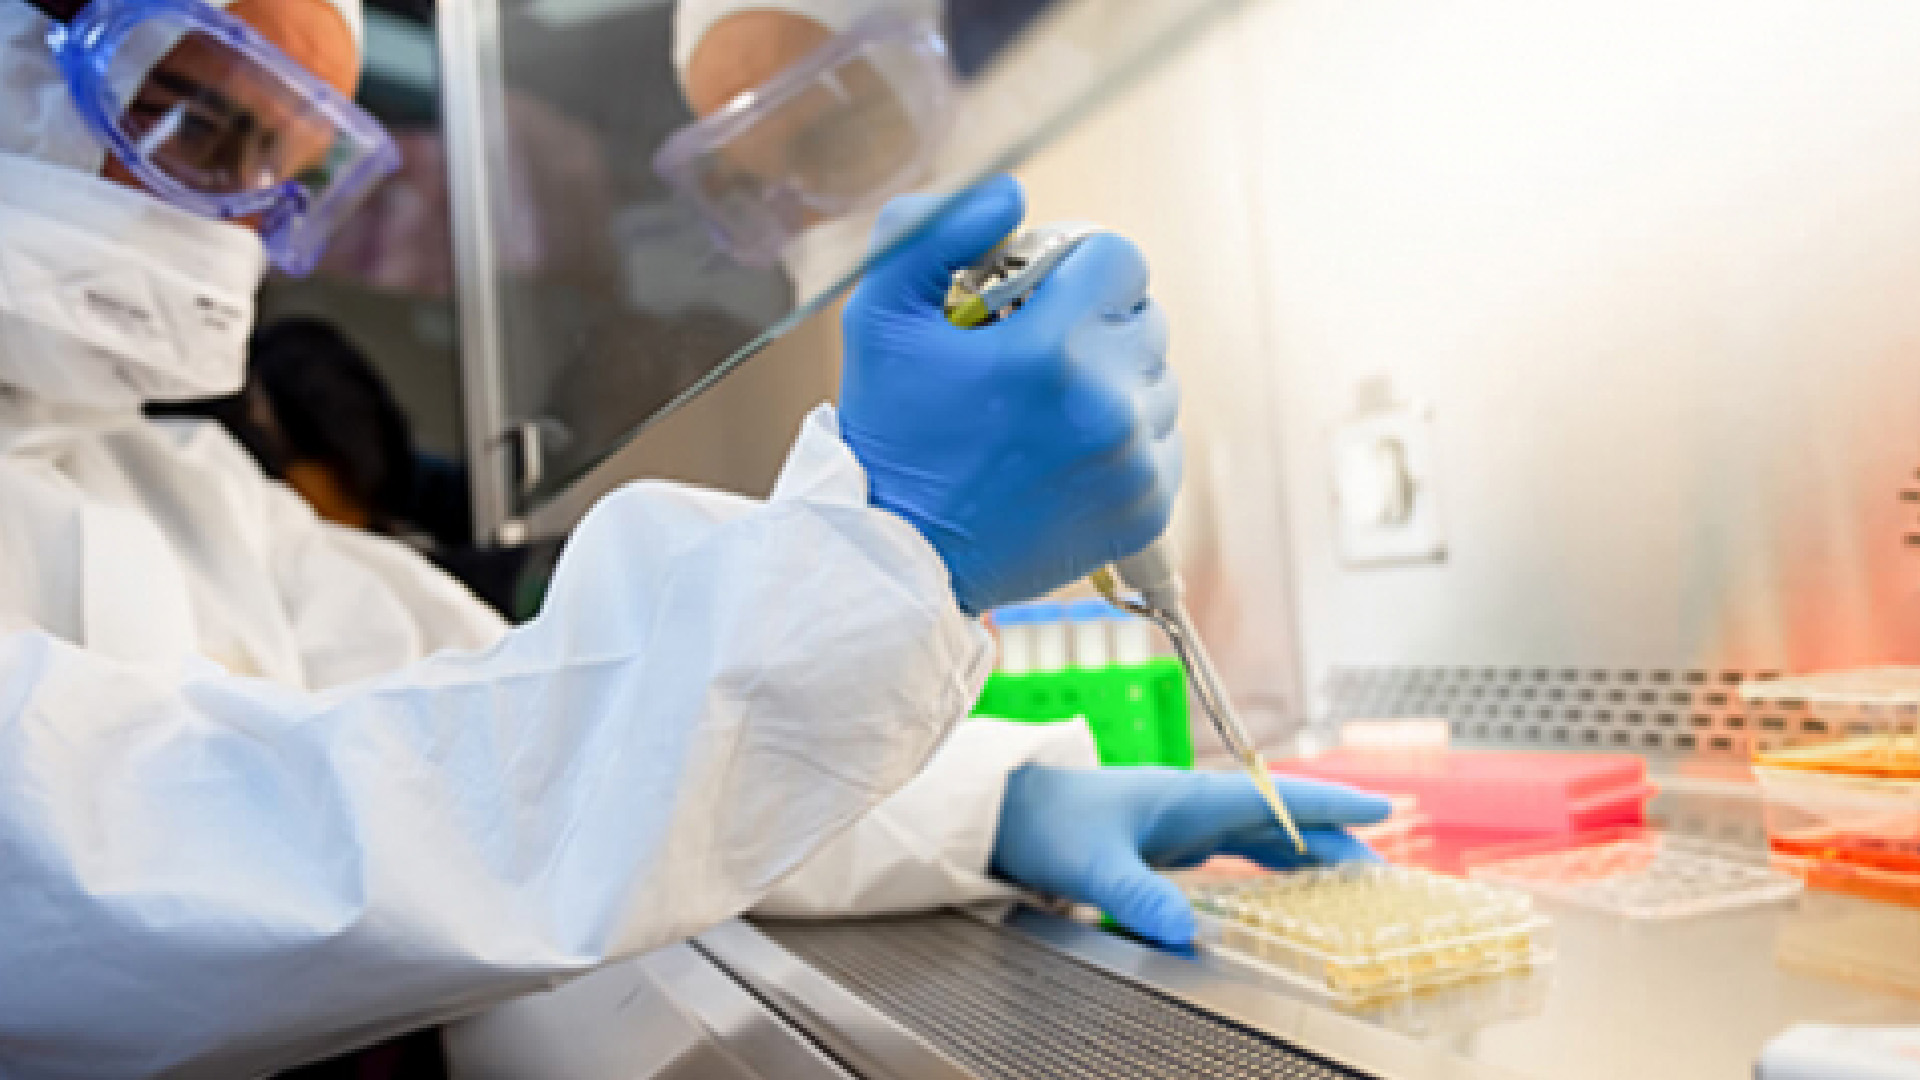 Una desconocida vacuna demostró un 89% de efectividad contra el coronavirus